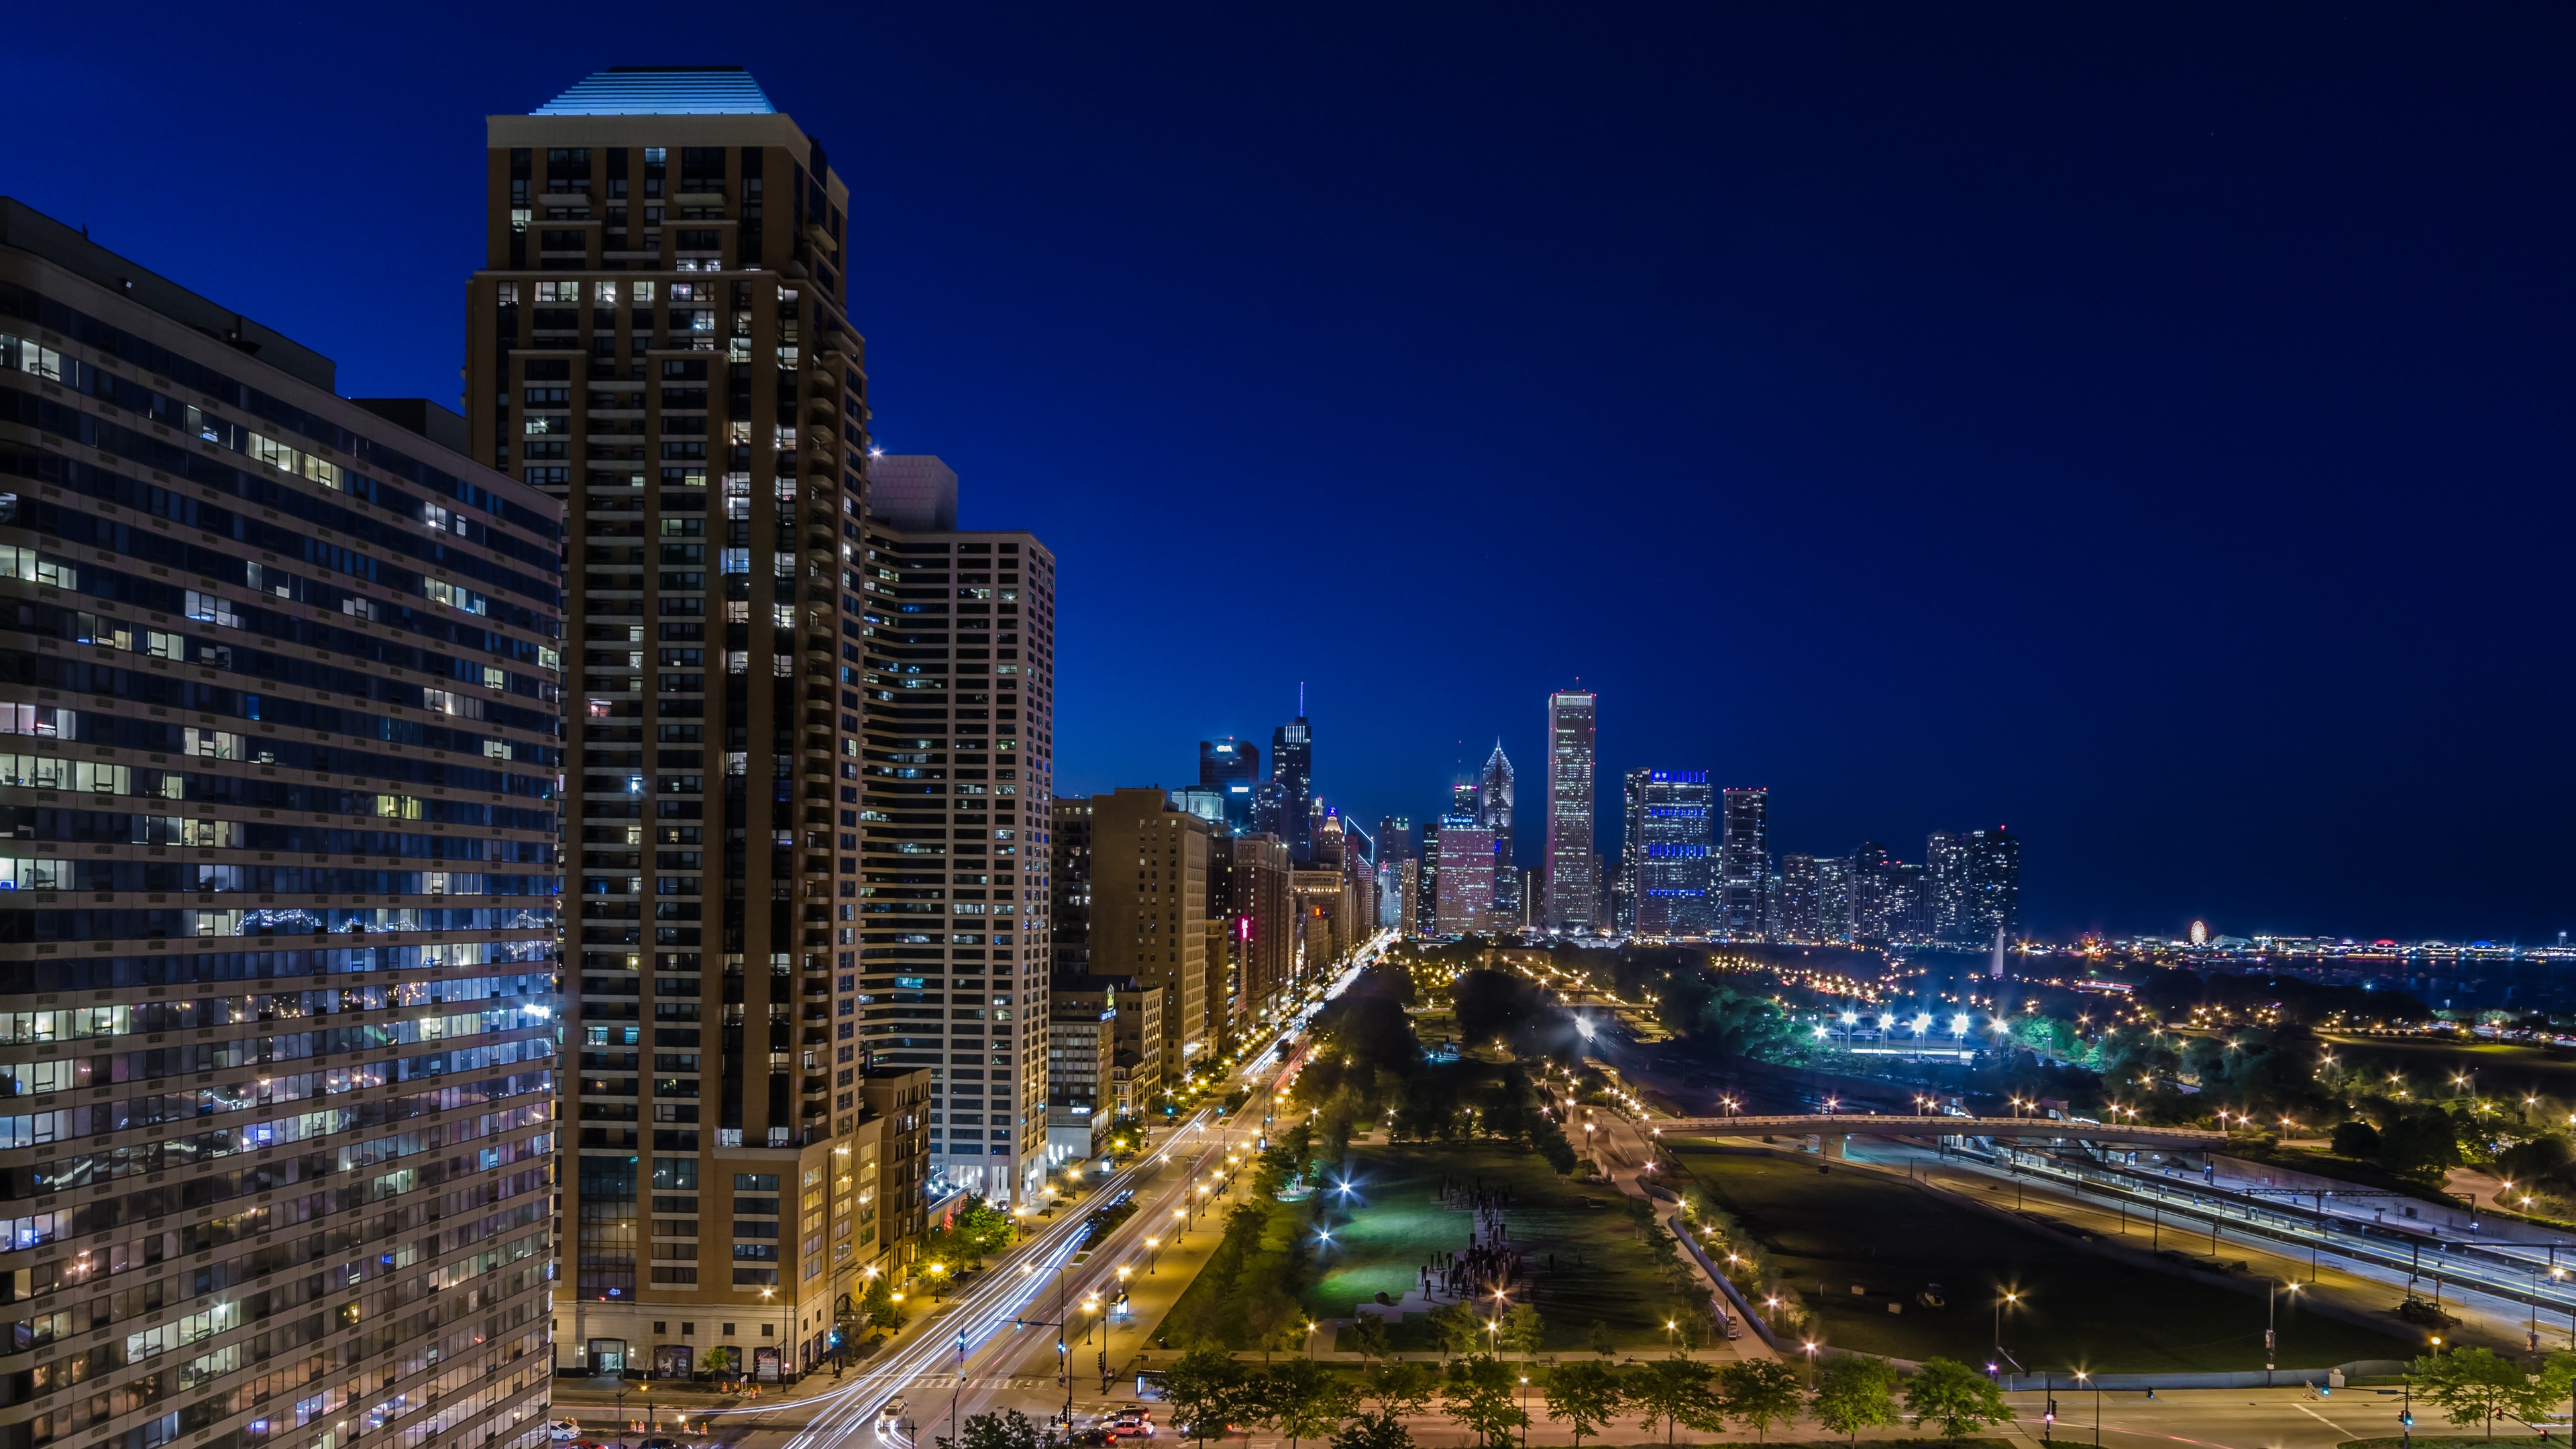 Ночной порт в Чикаго  № 3504414 бесплатно